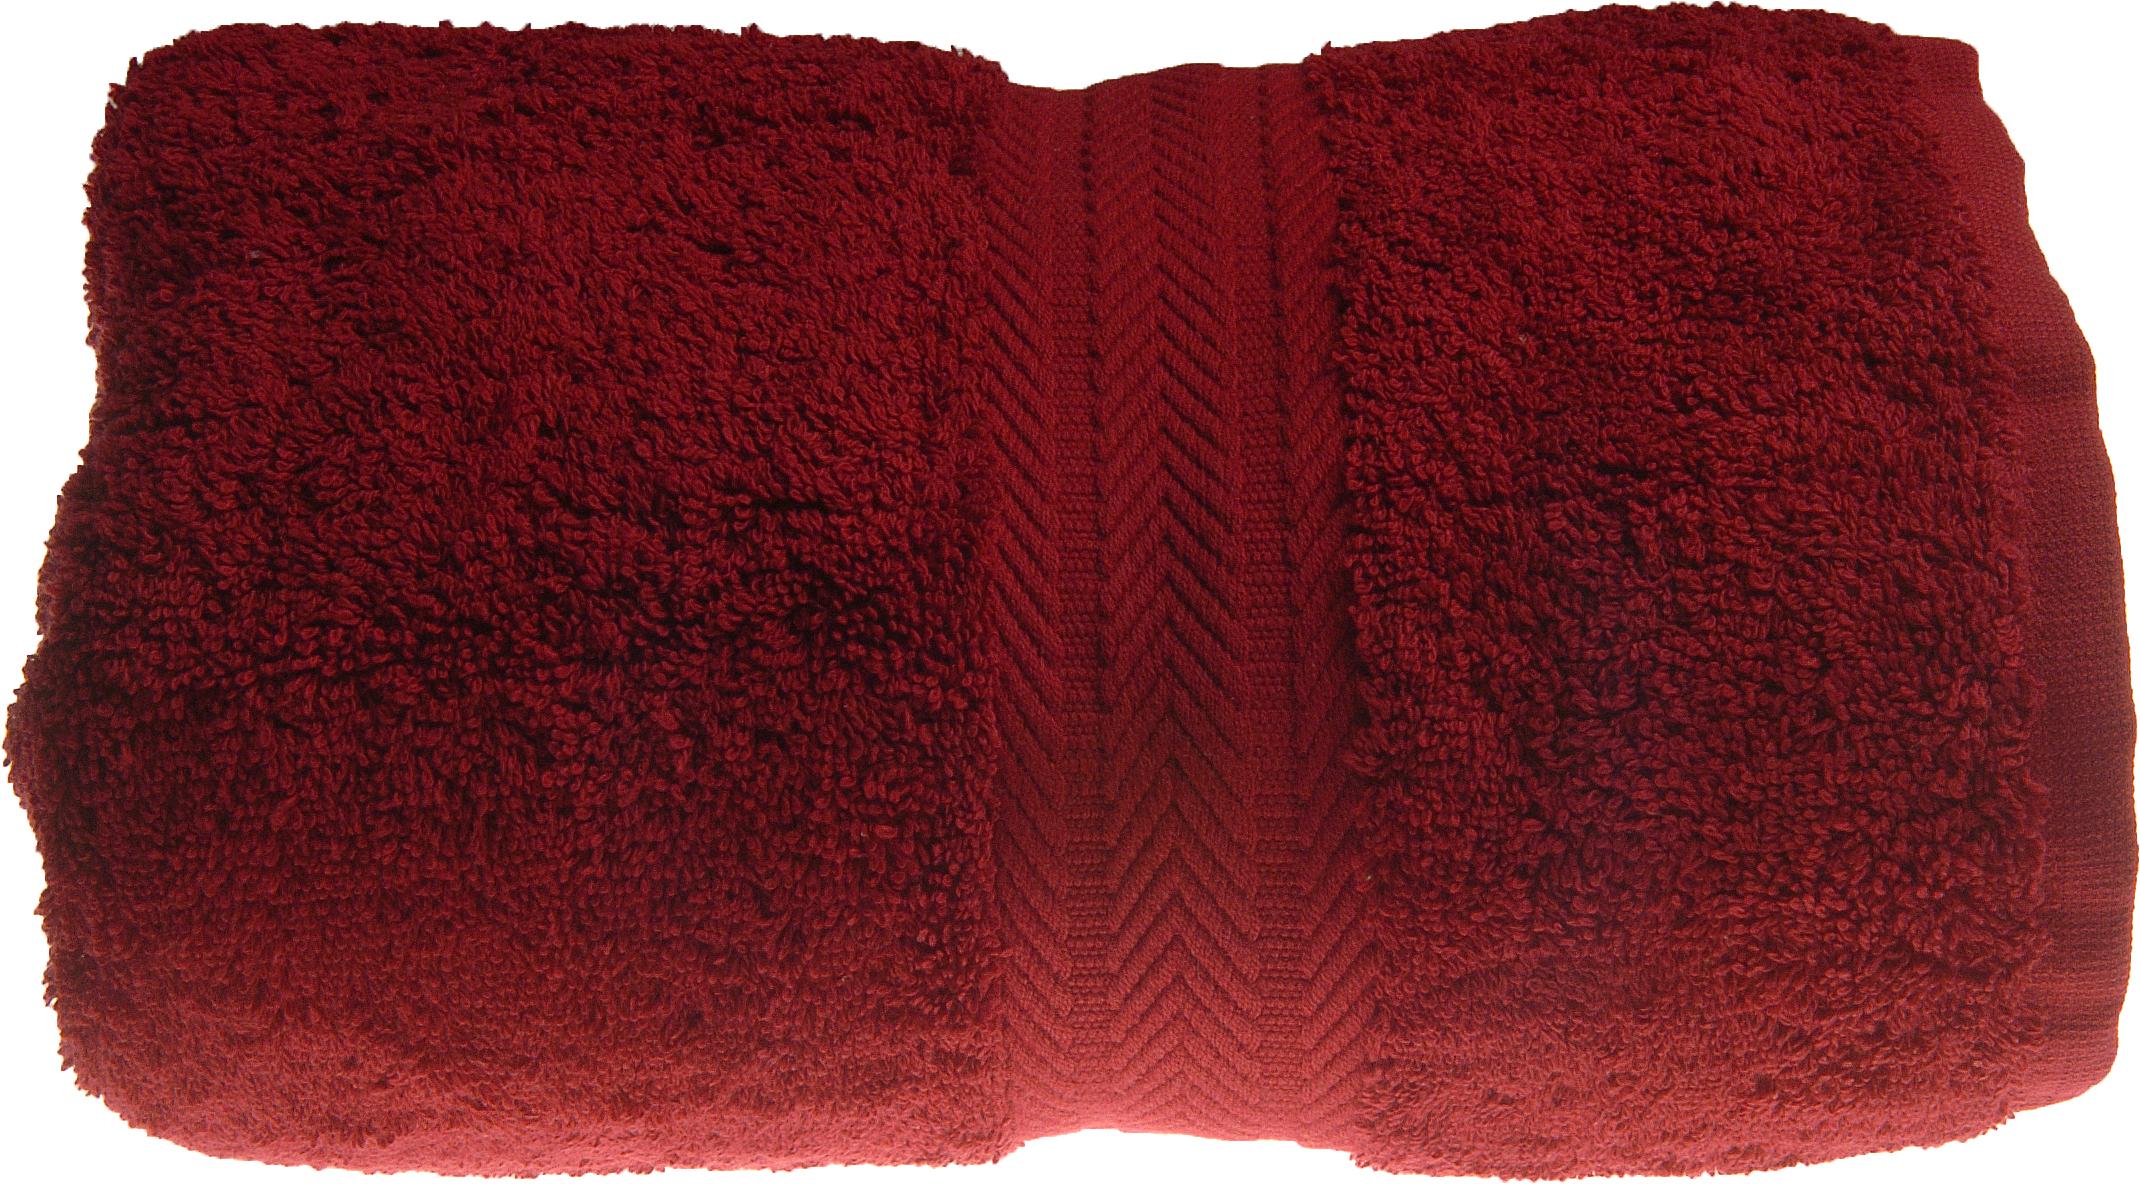 Serviette invitée 30 x 50 cm en Coton couleur Bordeaux (Bordeaux)